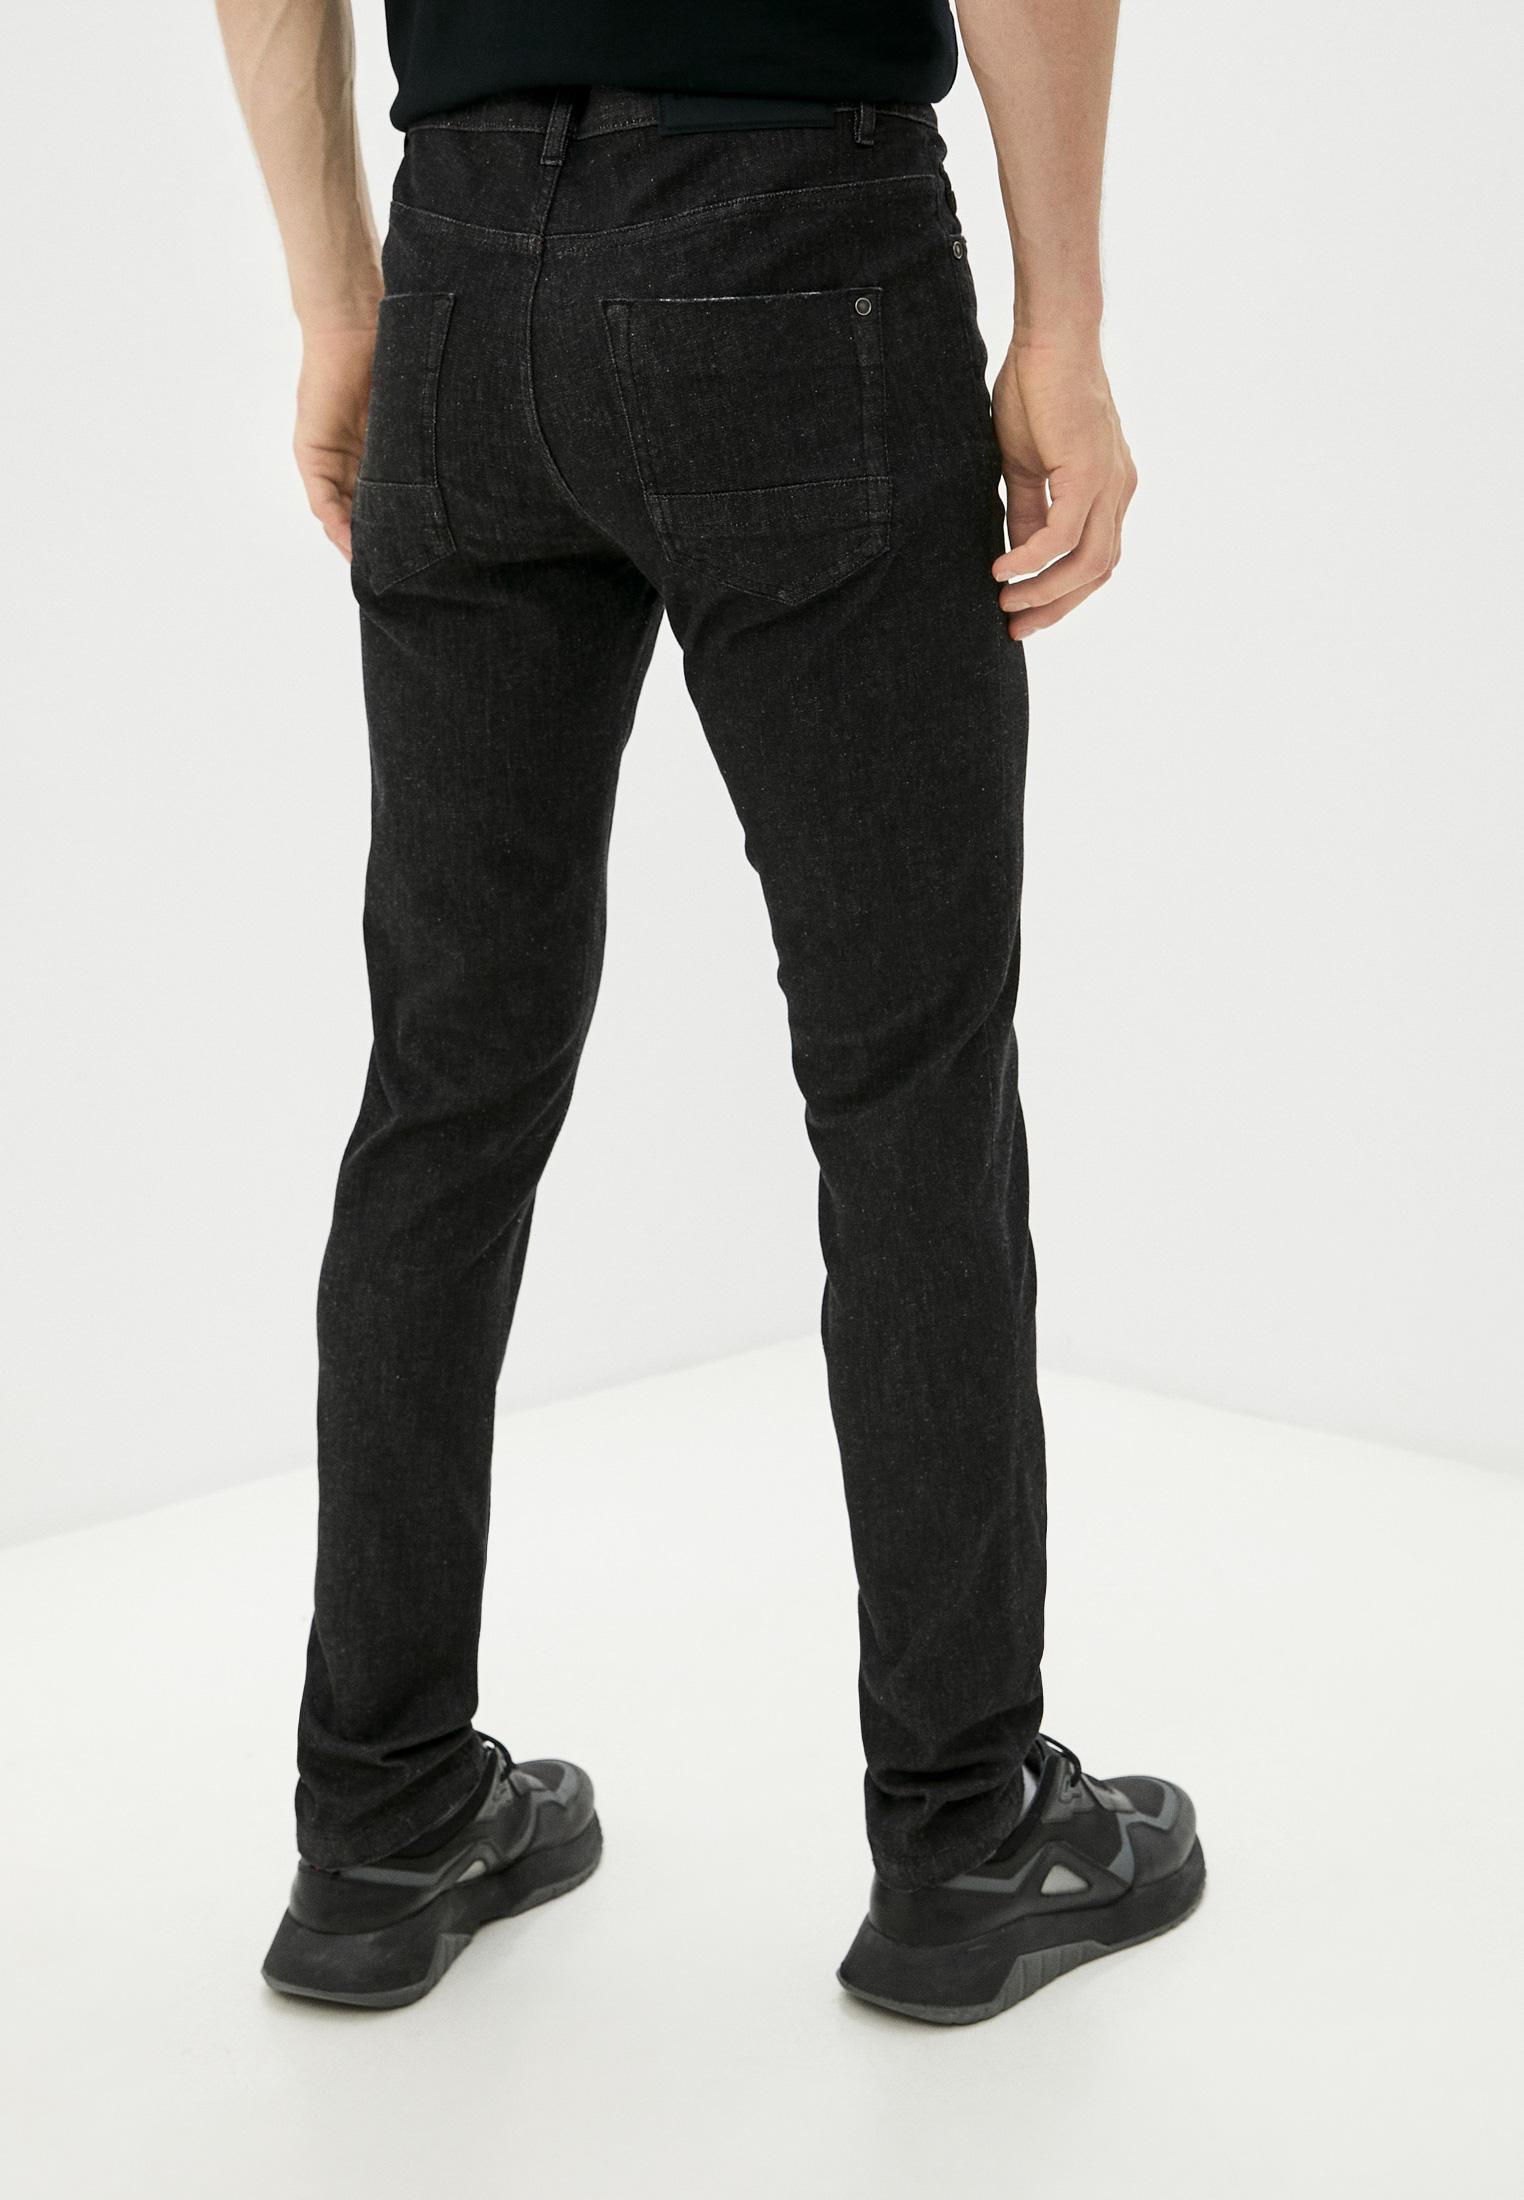 Зауженные джинсы Bikkembergs C Q 111 02 S 3446: изображение 4